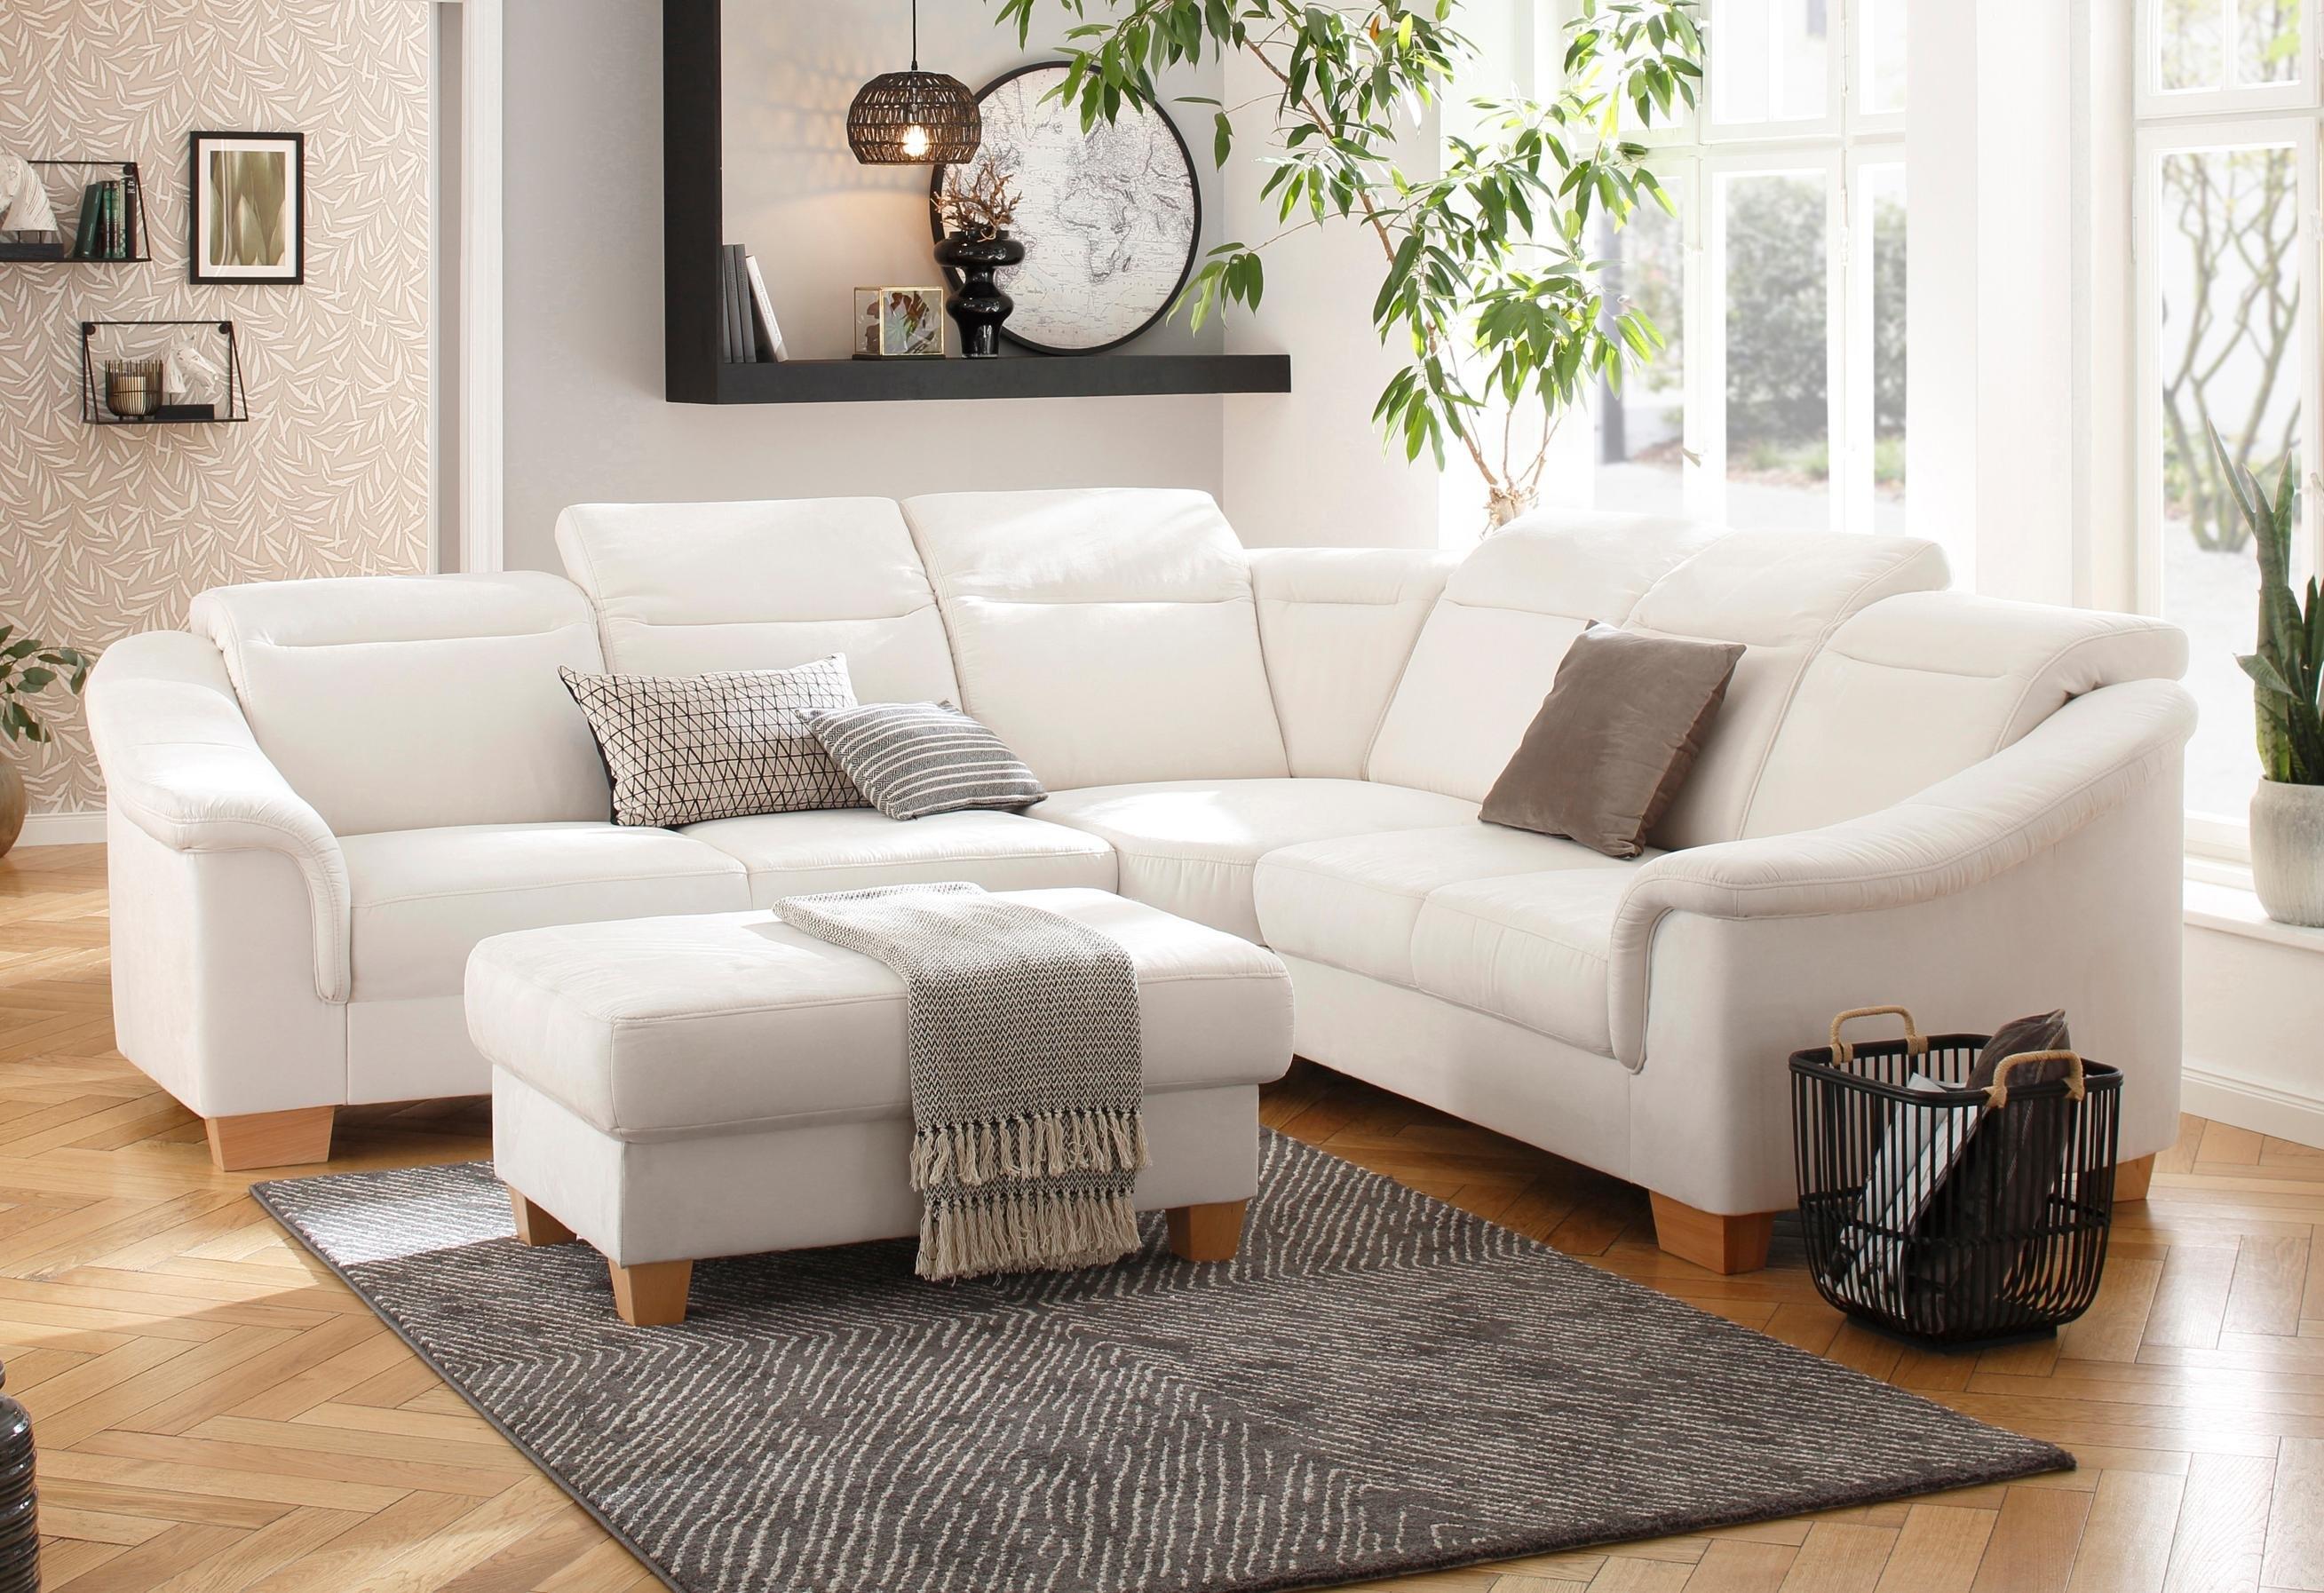 Premium collection by Home affaire hoekbank Empire Binnenvering, naar keuze met verstelbaar hoofdeind en met of zonder slaapfunctie voordelig en veilig online kopen